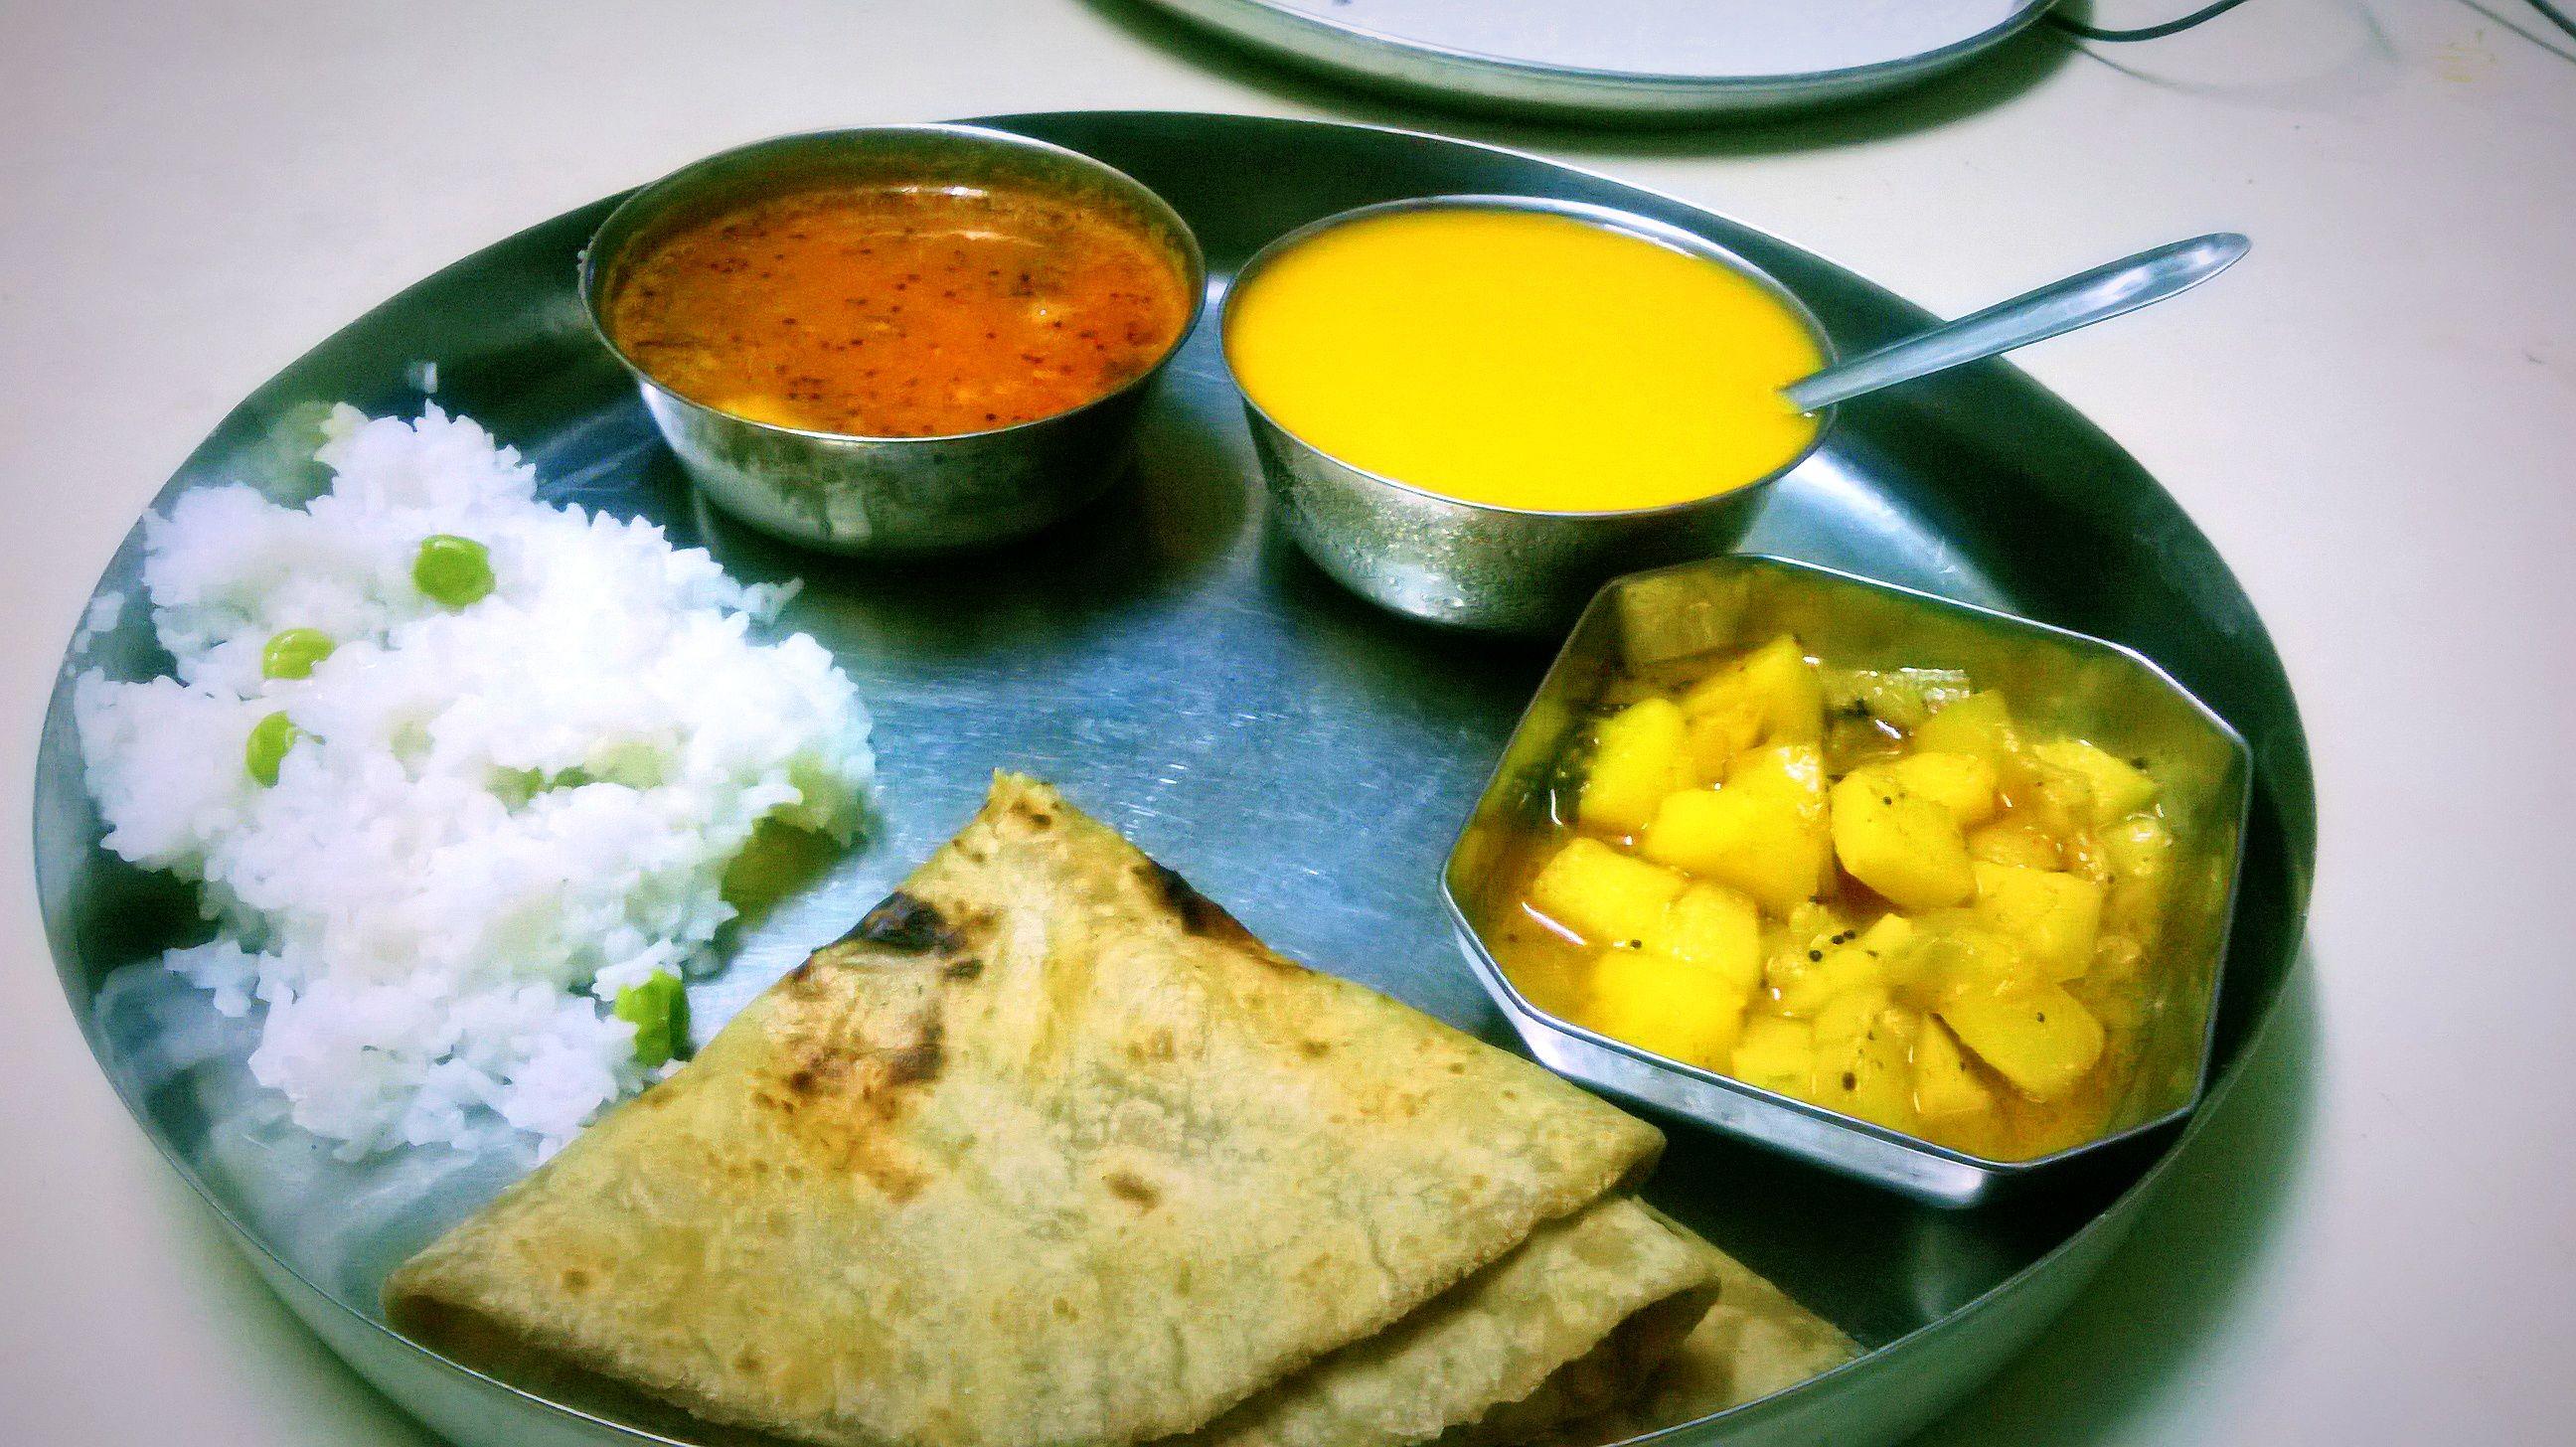 Pure saatvik gujju thal by chefpru indianfood chef pru pure saatvik gujju thal by chefpru indianfood forumfinder Choice Image